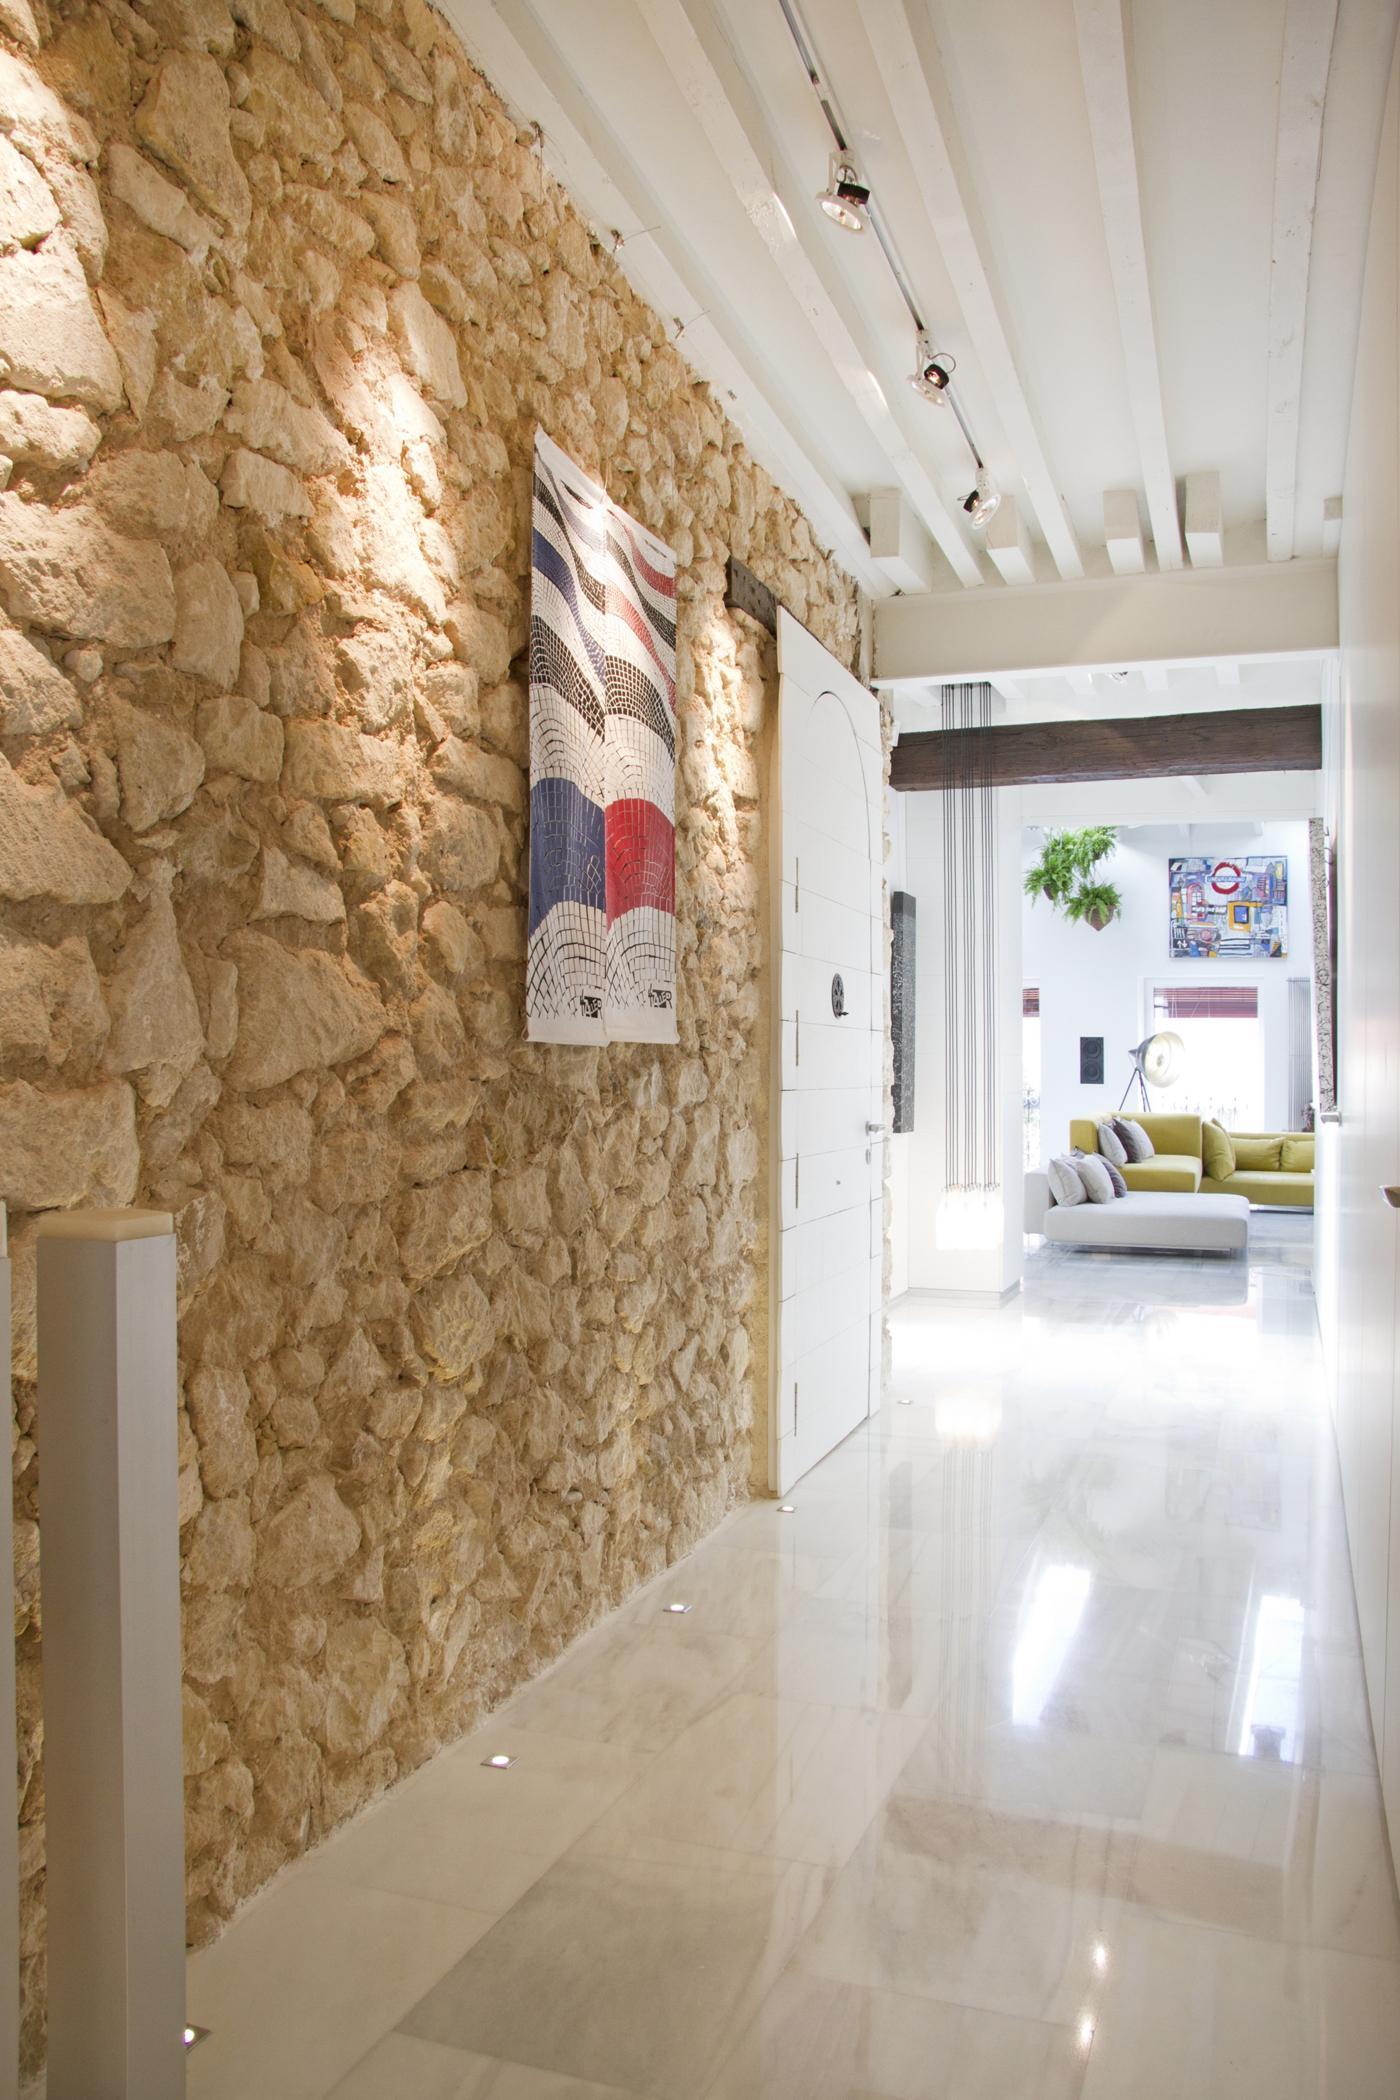 Steinwand Schmückt Den Flur #wandgestaltung #dachbalken #steinwand #sofa  #grünessofa #weißerdachbalken